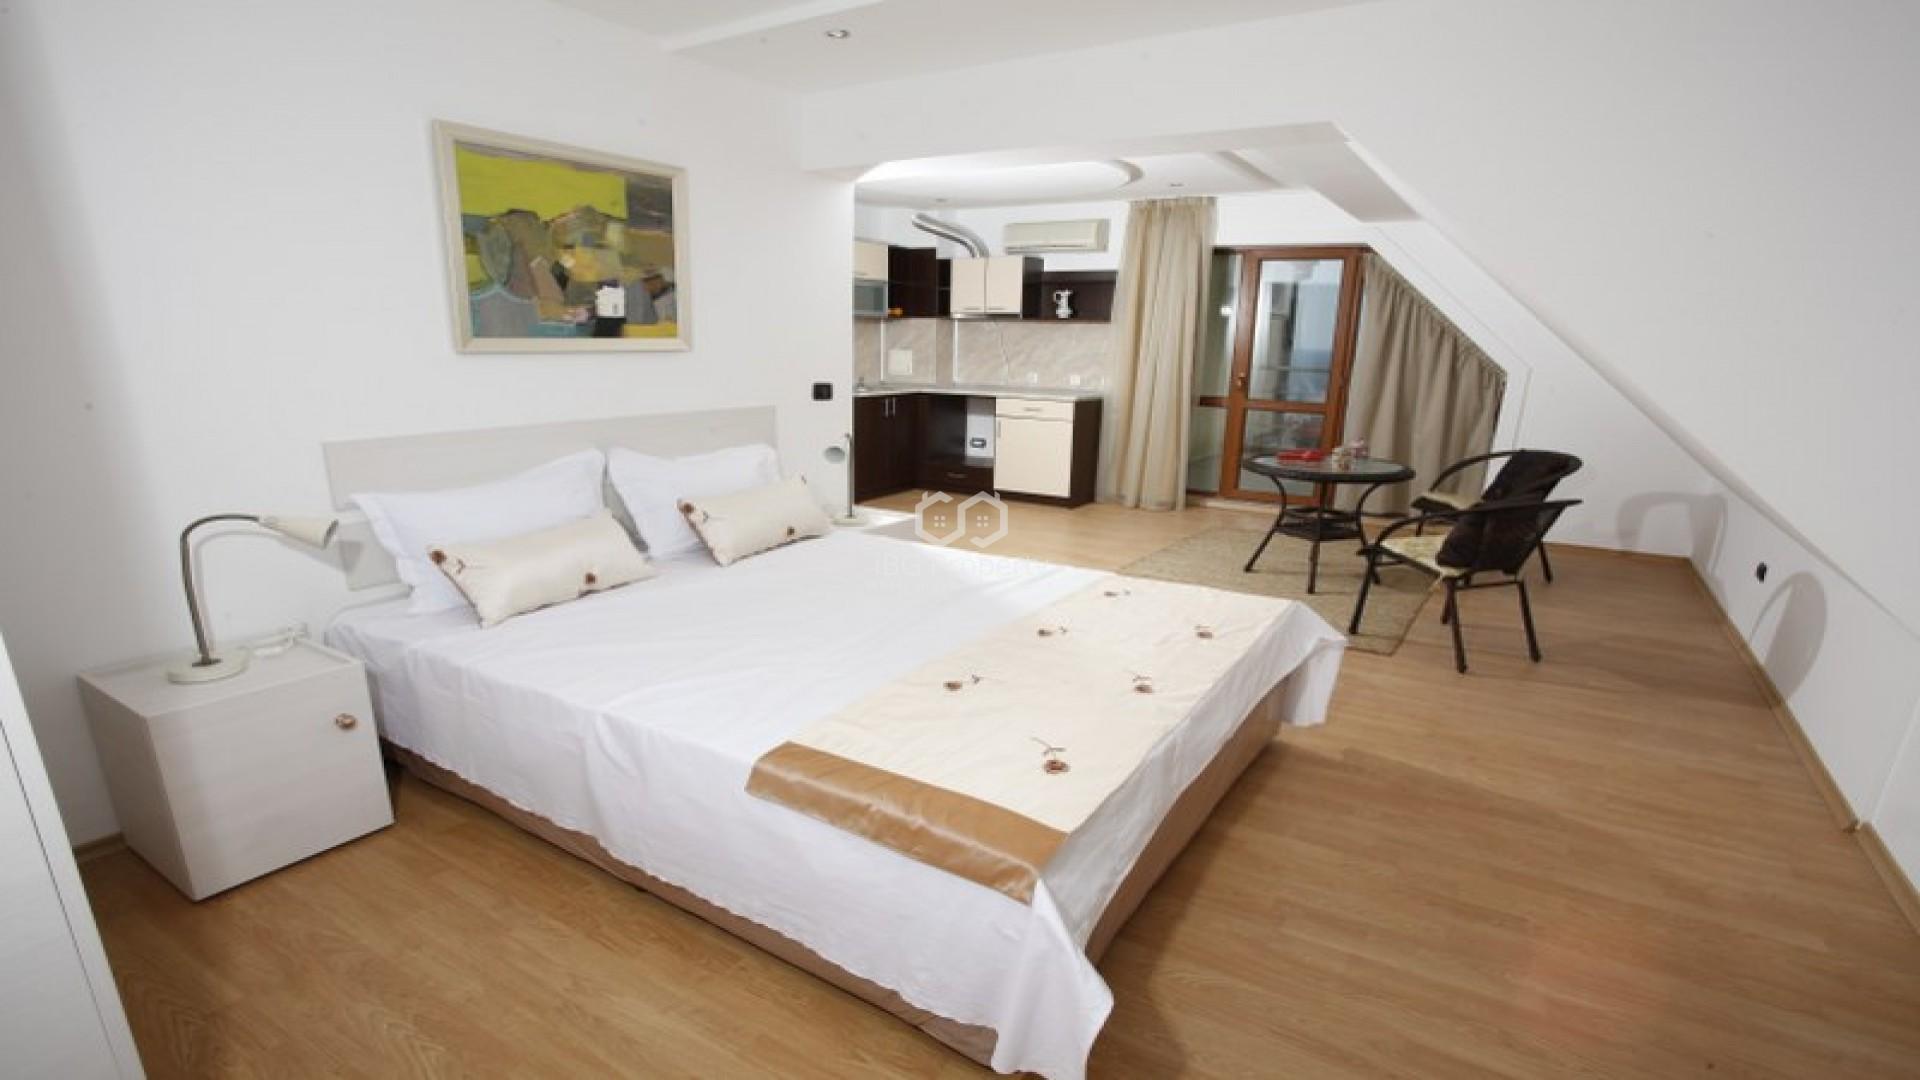 Двухкомнатная квартира Бяла  86 m2